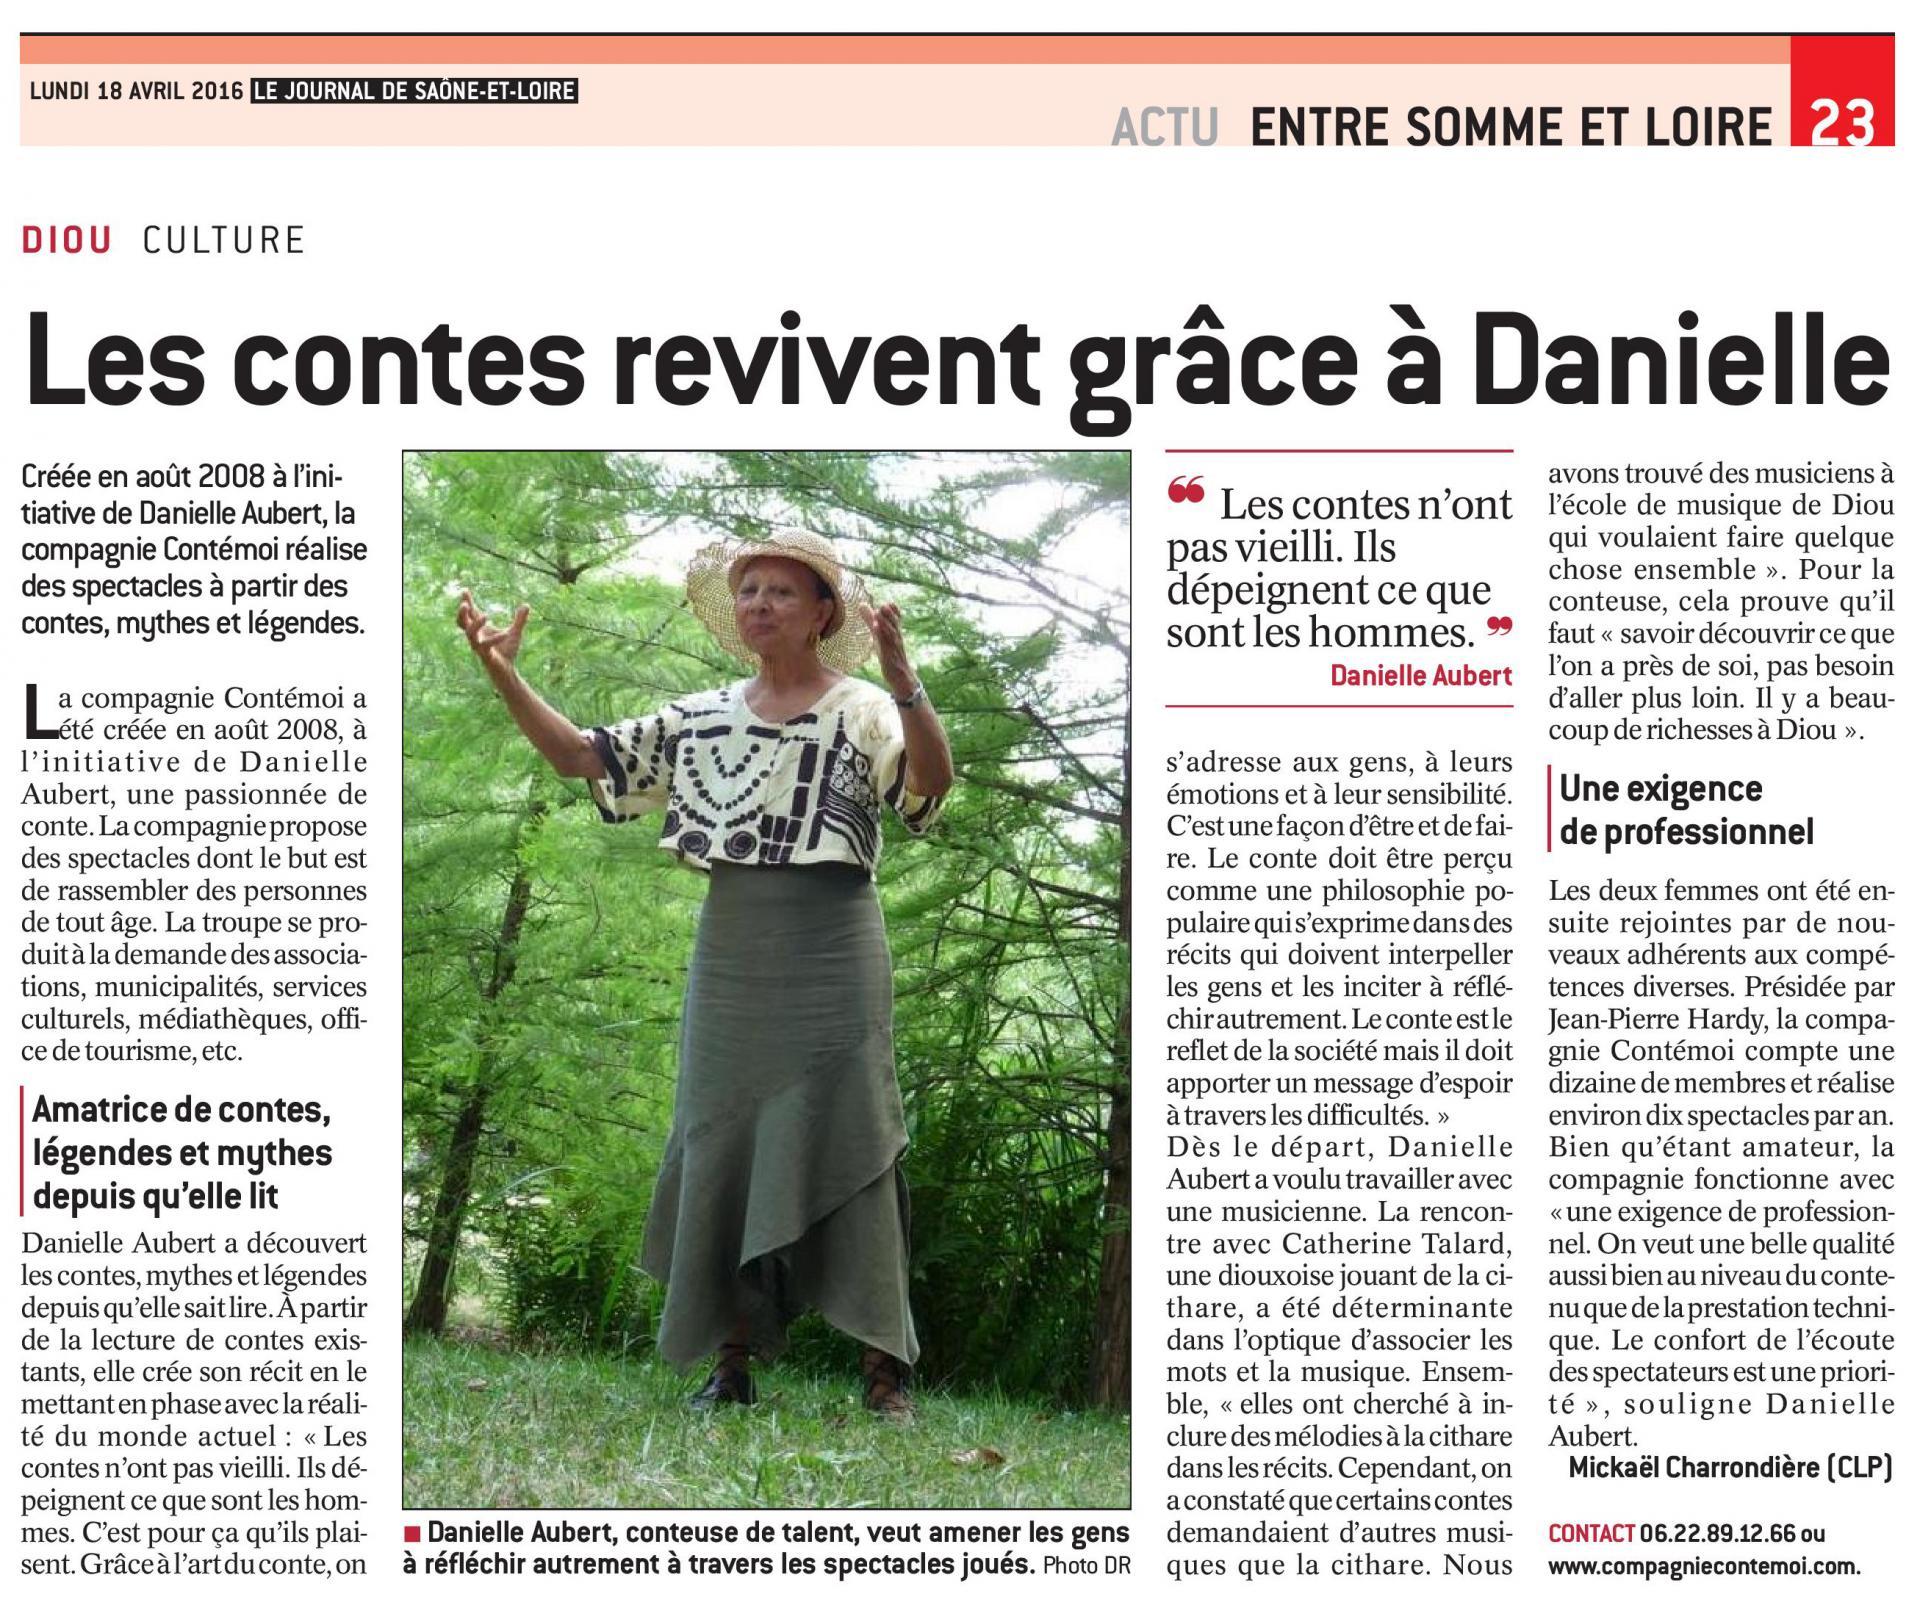 Pdf page 23 edition du charolais brionnais 20160418 page 001 bis